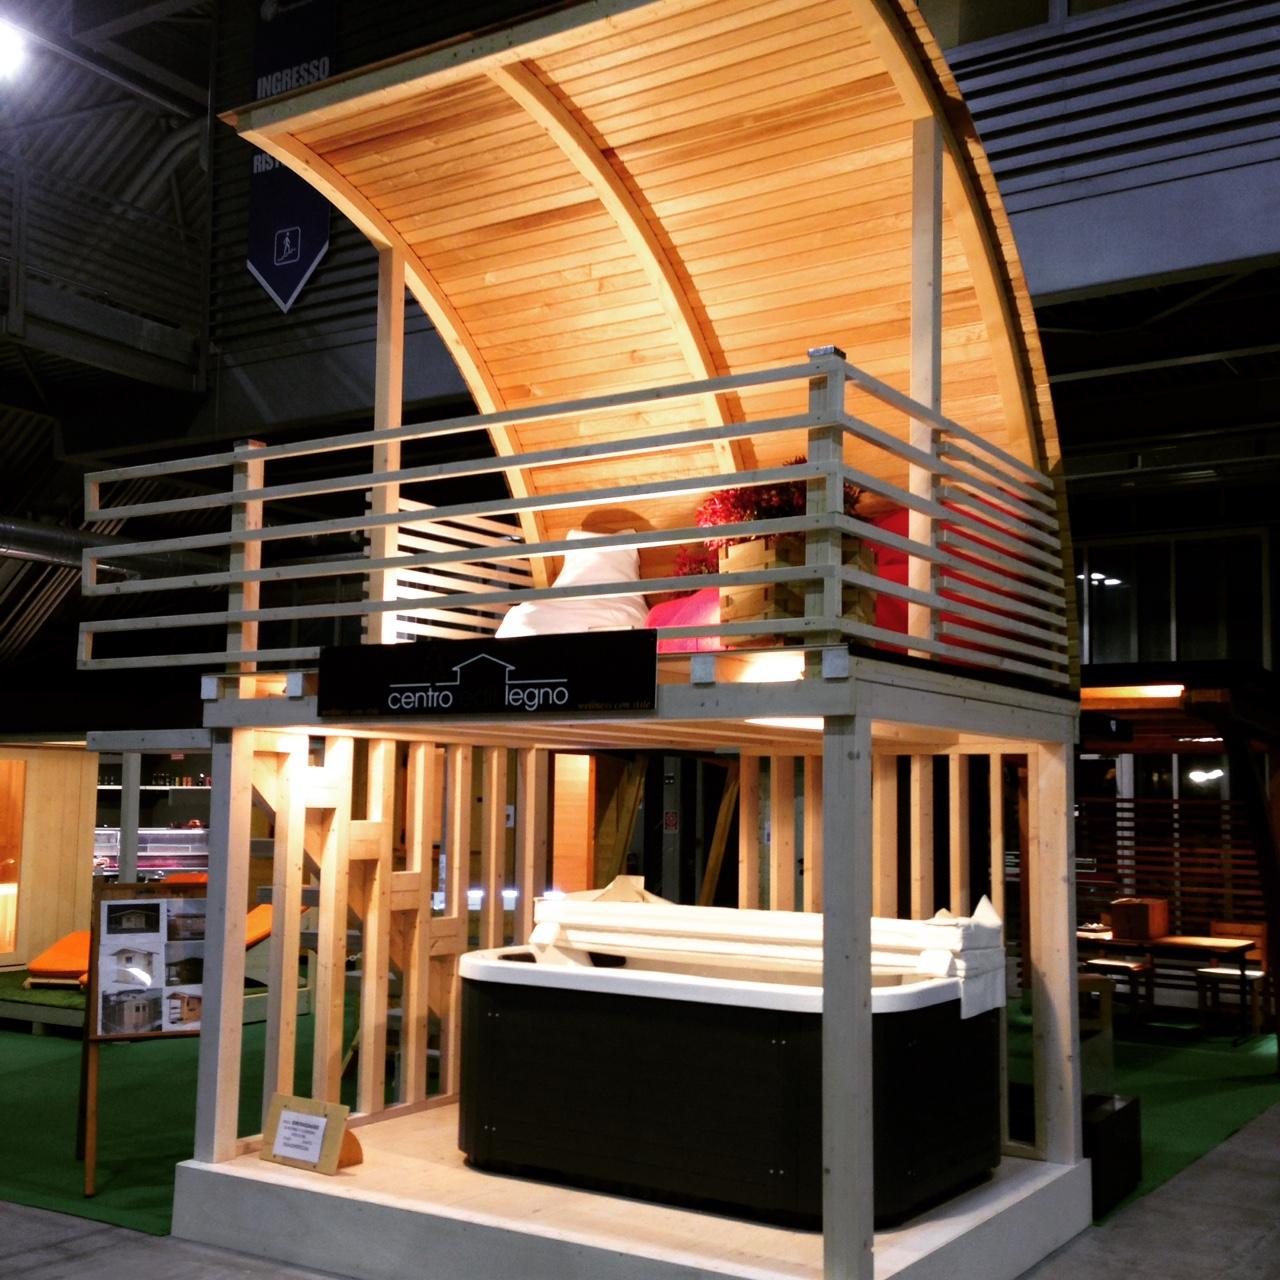 Tenda moderna per porta panoramica for Casetta in legno bricoman